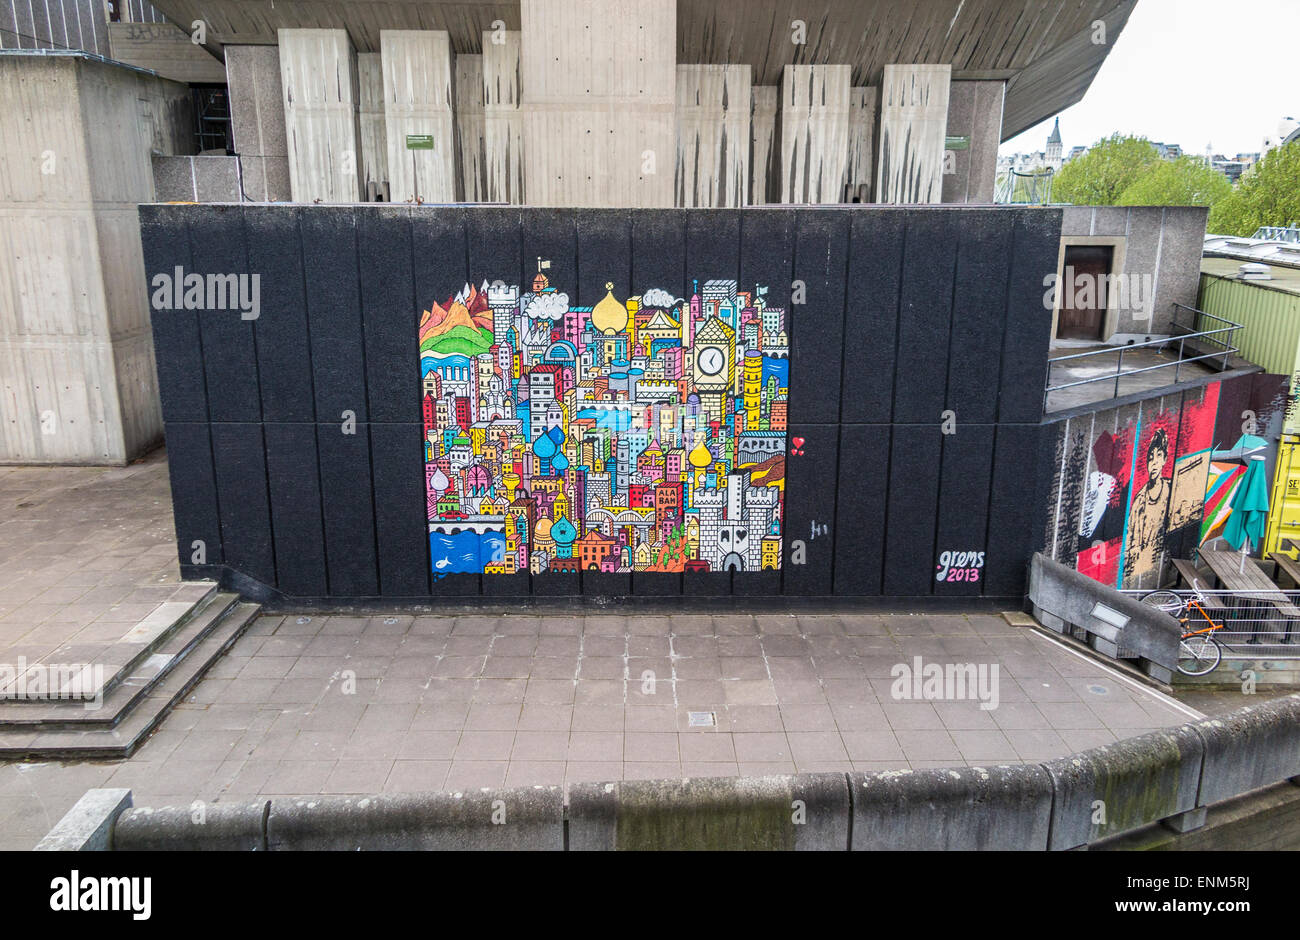 Farbenfrohe Wandgemälde von grems auf einer Außenwand an der South Bank Centre auf der Uferstraße Stockbild